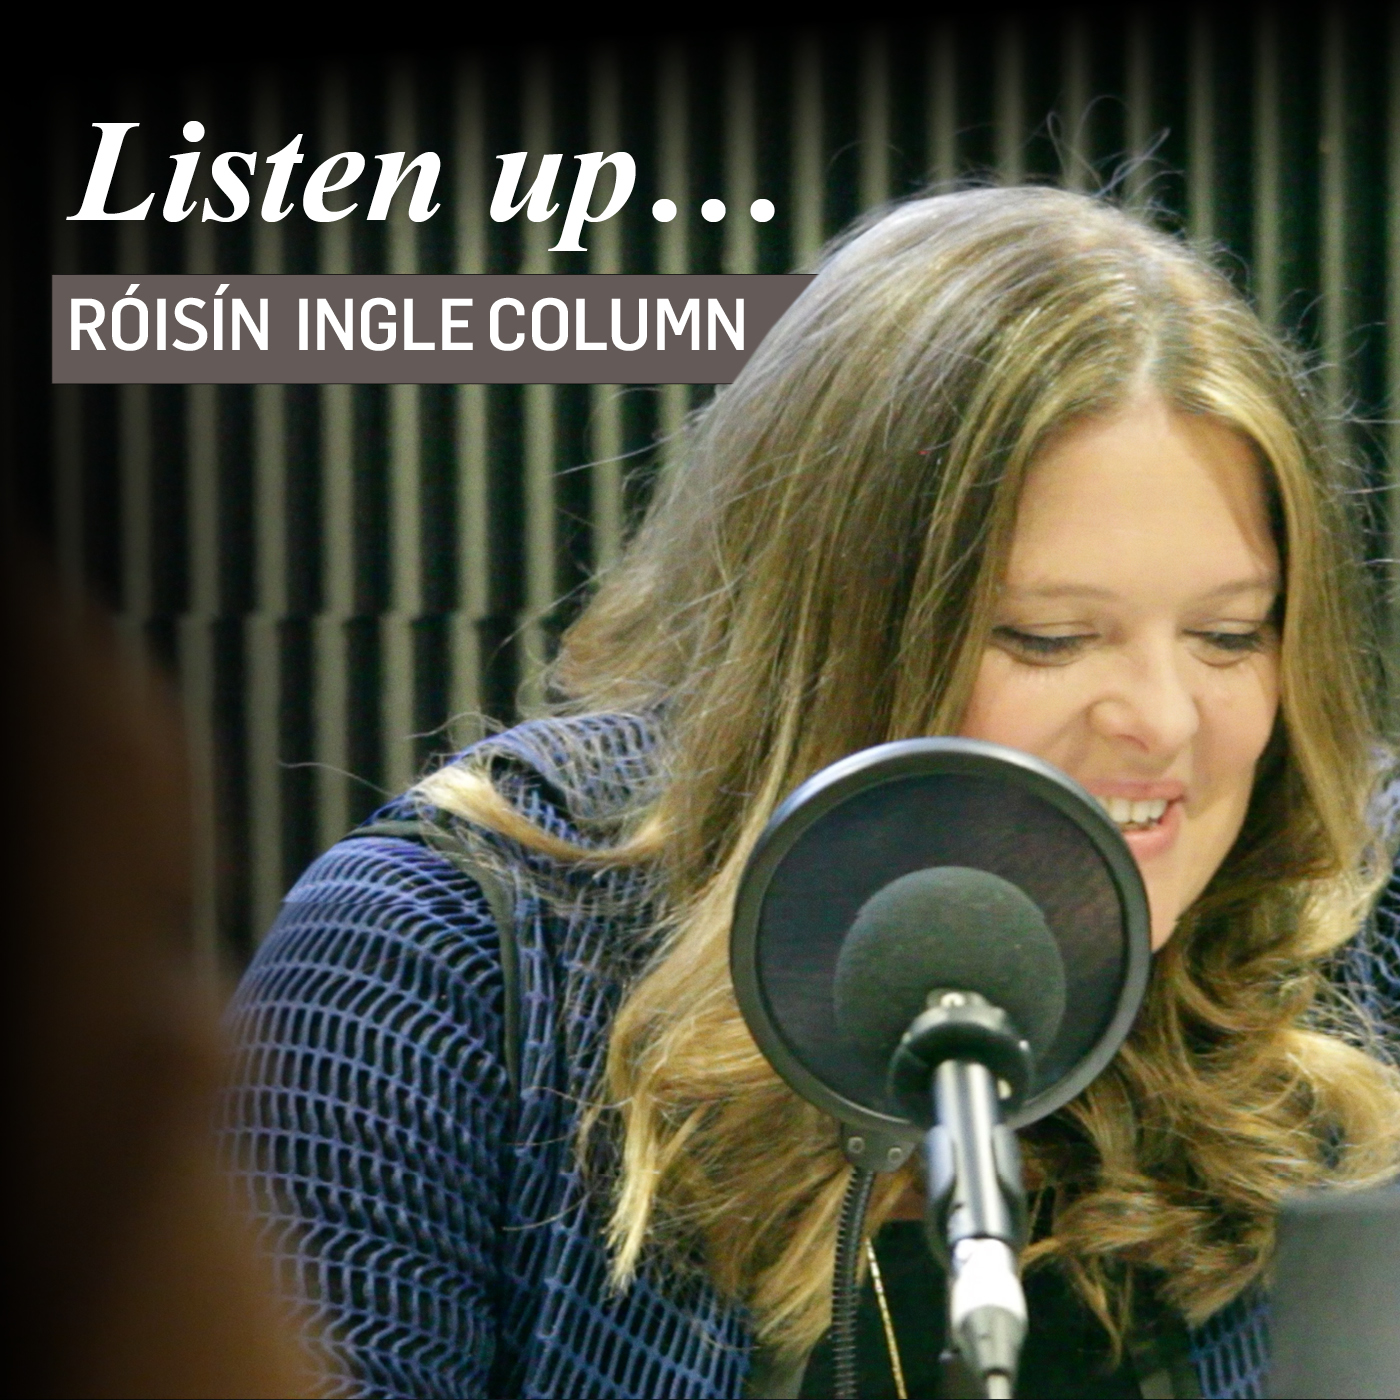 Listen up: the Roisin Ingle column